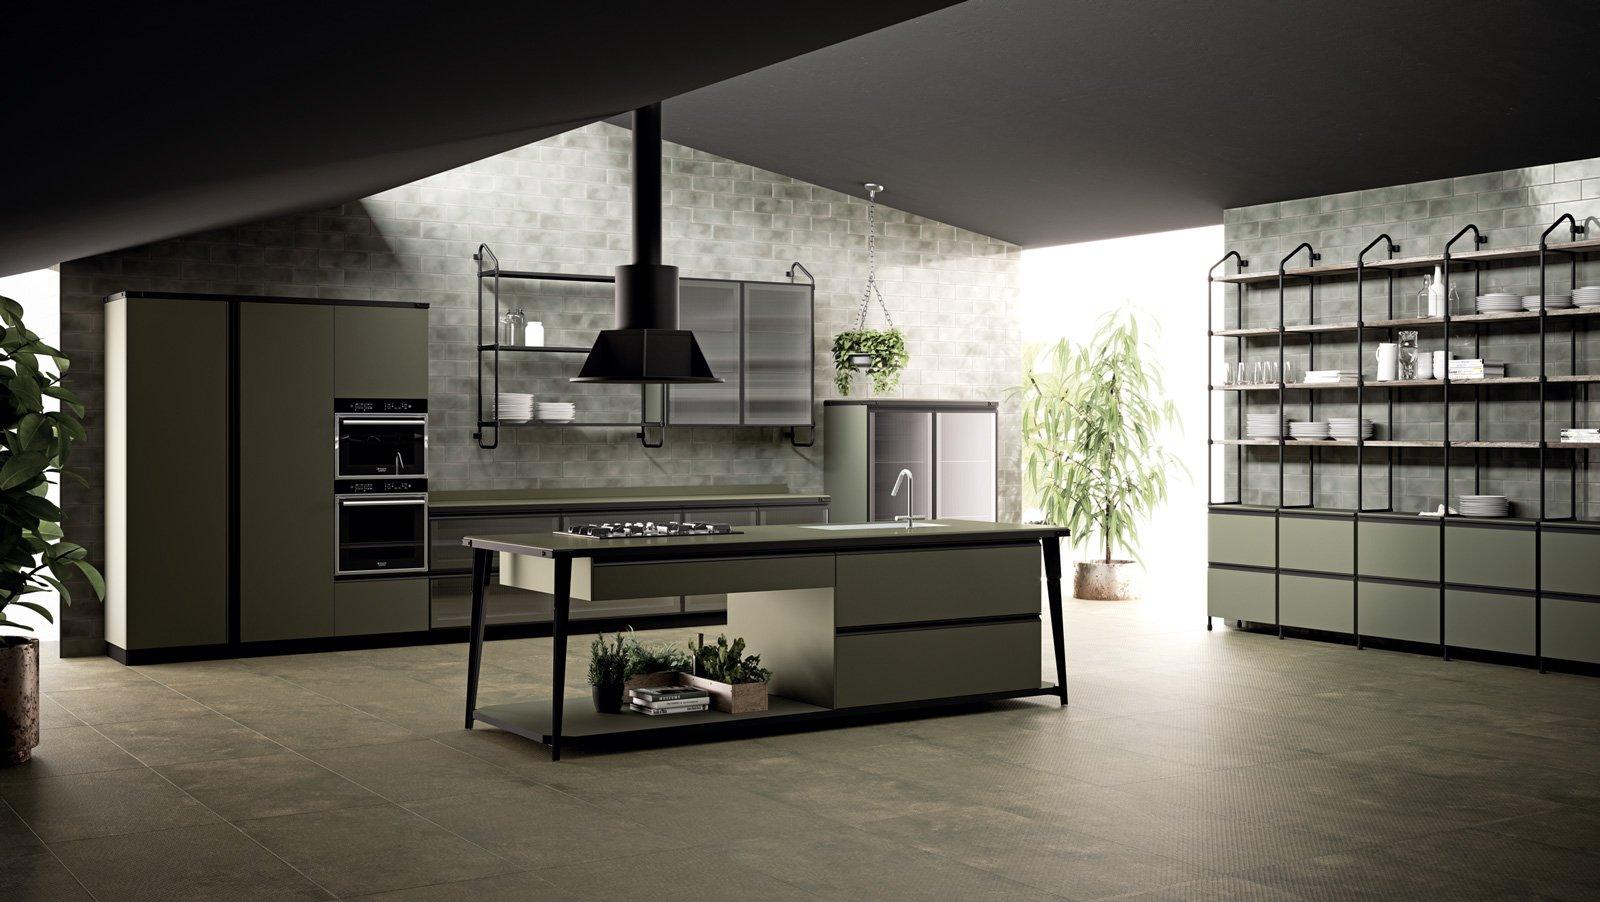 Cucine in stile industriale materiche e vissute cose di casa - Cucine salone del mobile 2017 ...